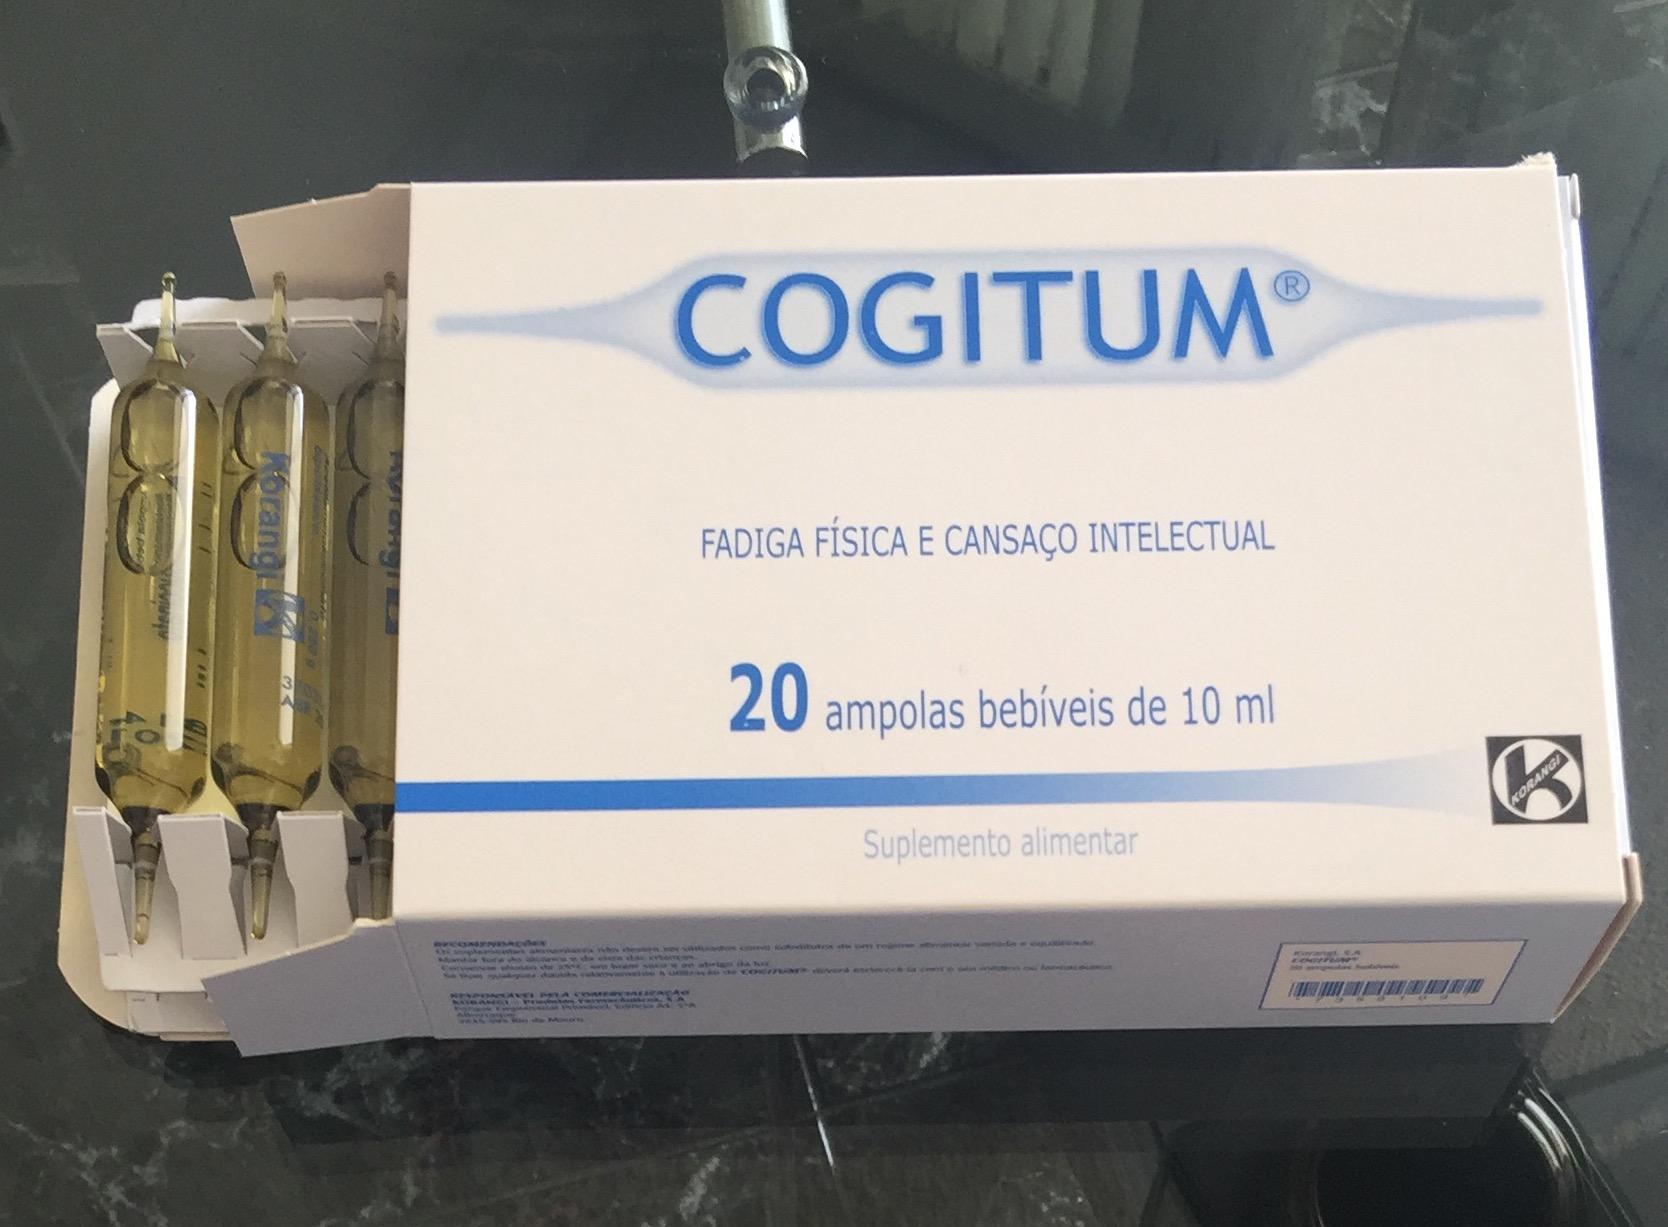 kogitum лекарство для мозга - аутизм фото